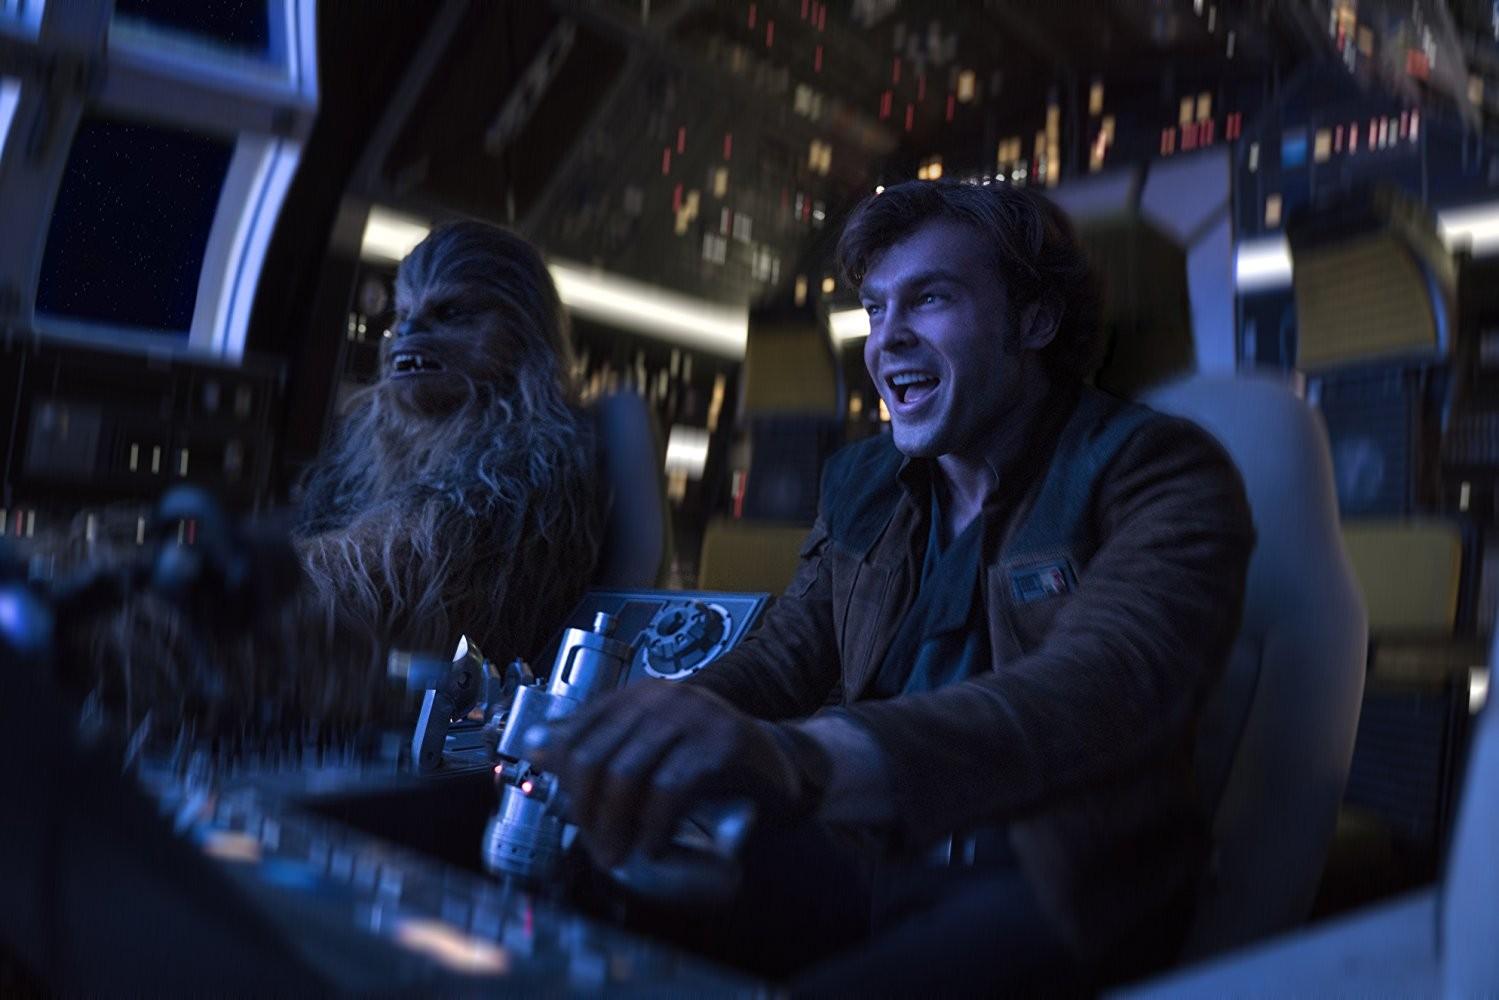 'Han Solo: Uma história Star Wars' estreia com mudanças de herói, melhores amigos e nave; veja diferenças